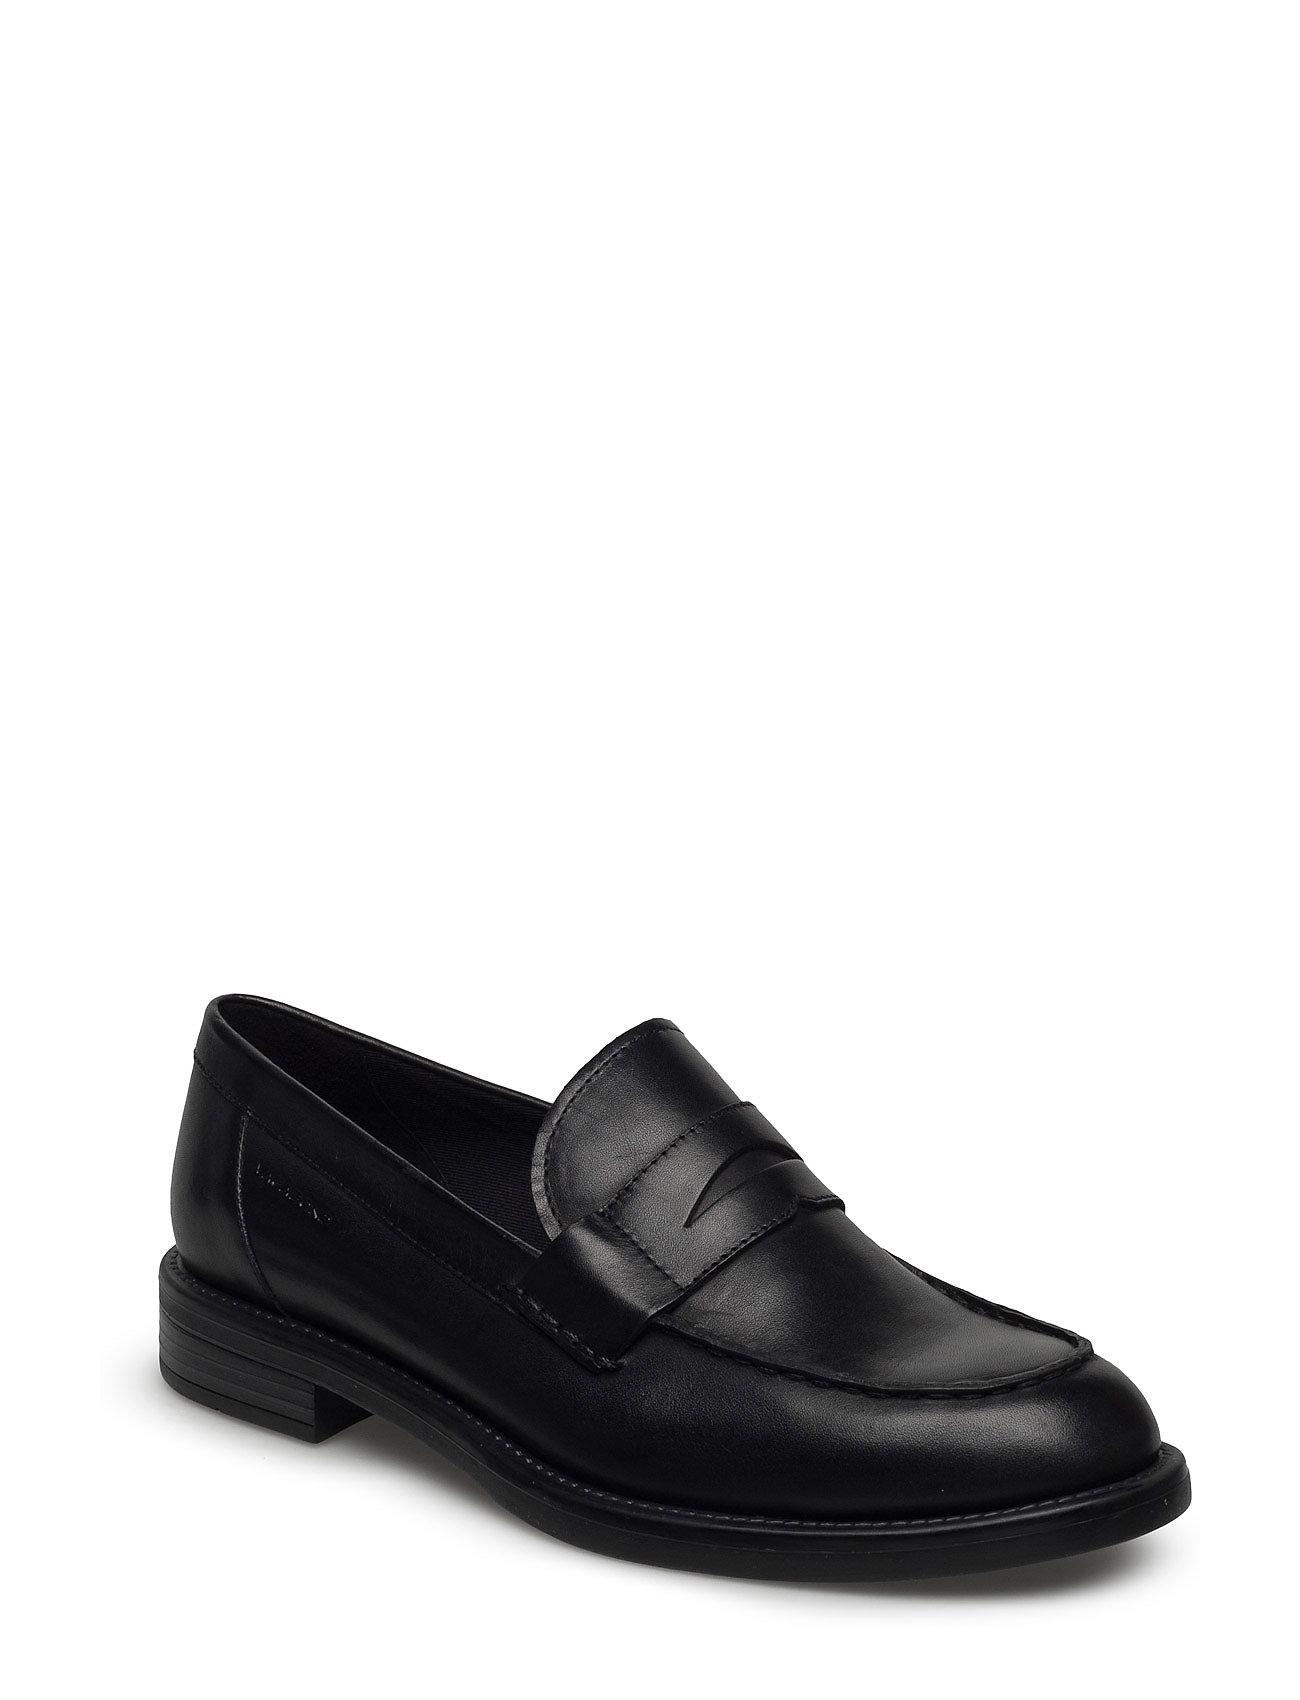 Amina VAGABOND Flade sko til Damer i Sort